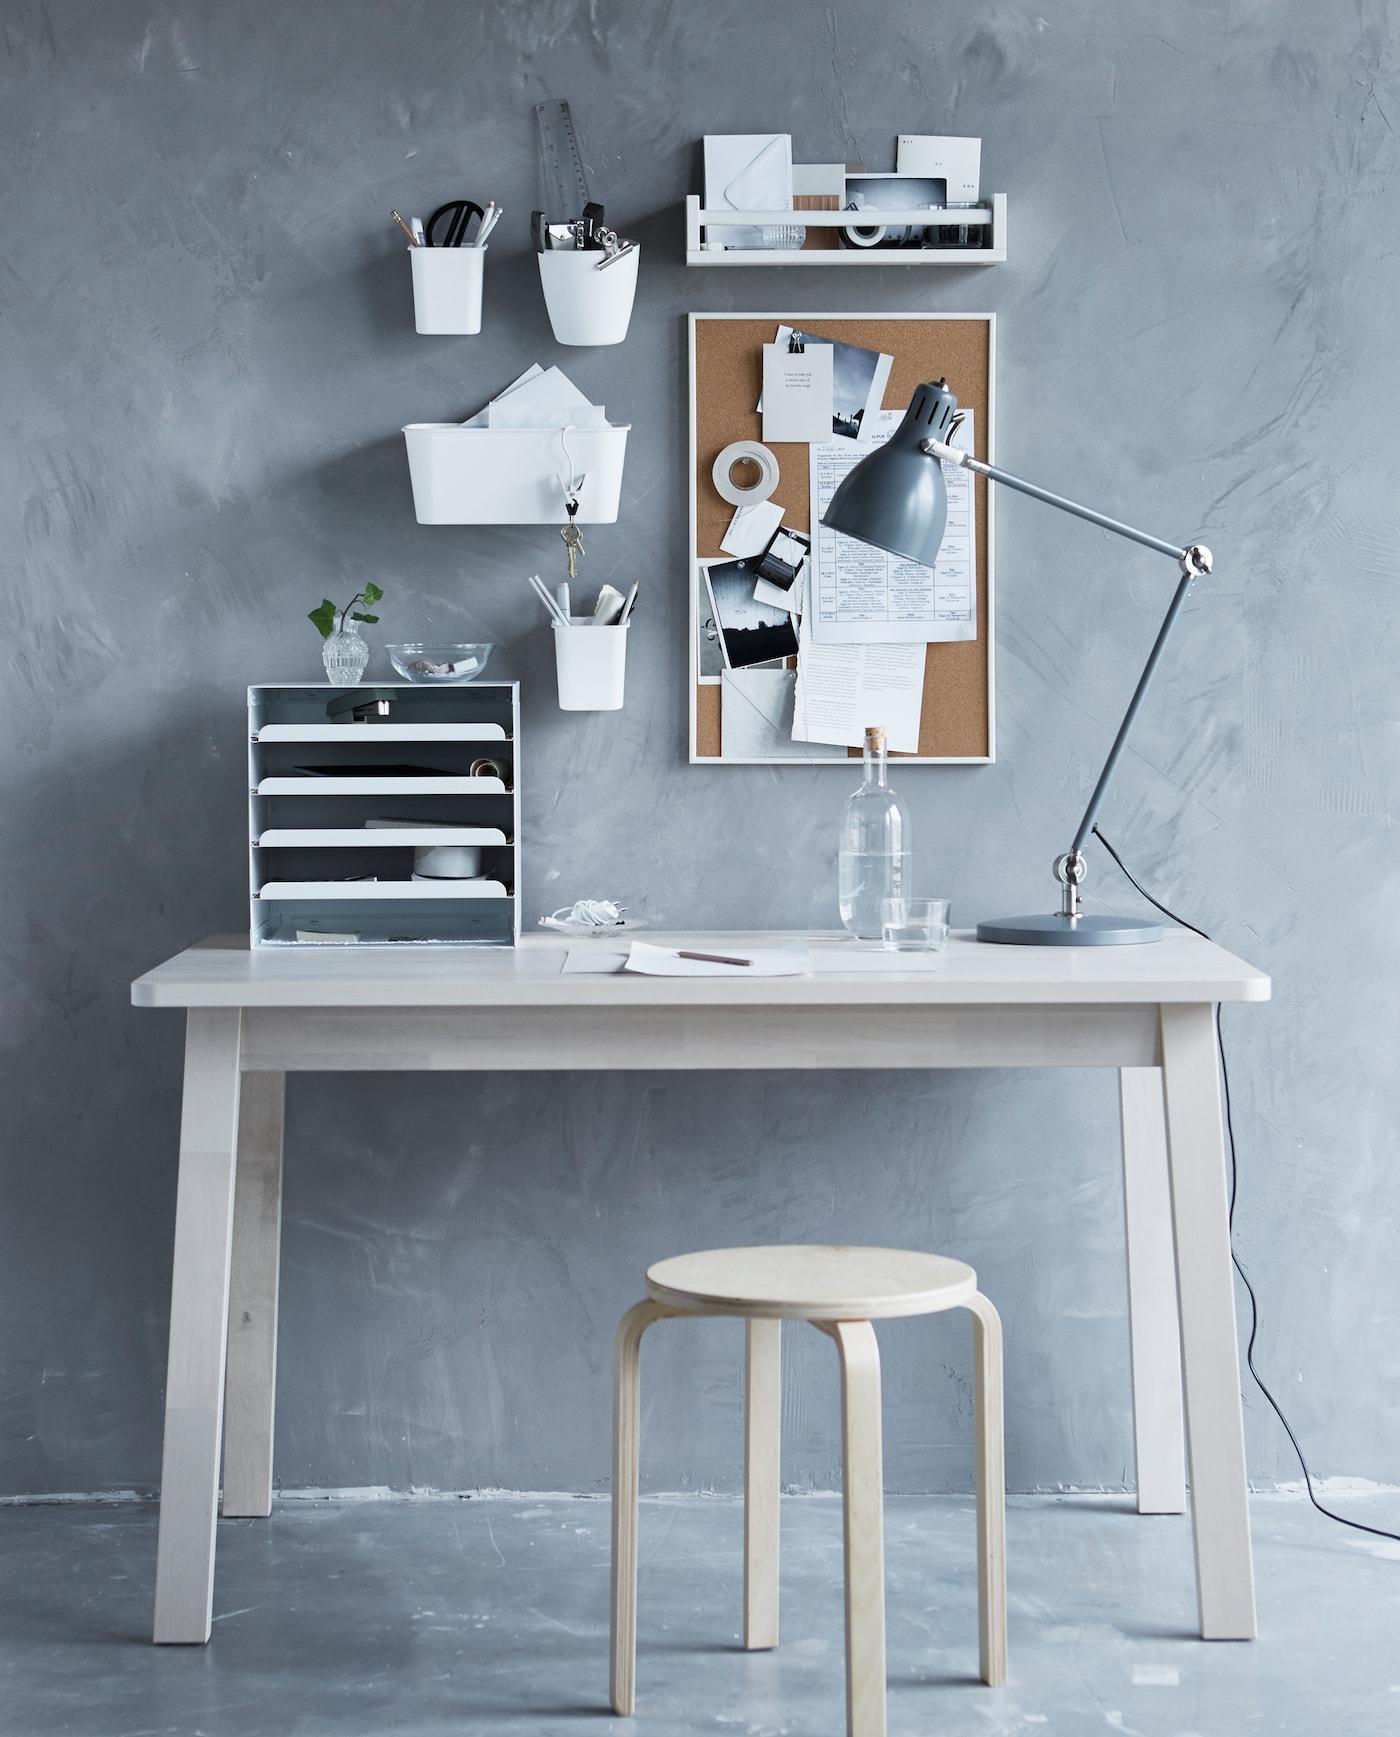 Eine graue Wand mit einer Pinnwand, einem Regal & Blumentöpfen, davor ein weißer Schreibtisch mit Hocker.